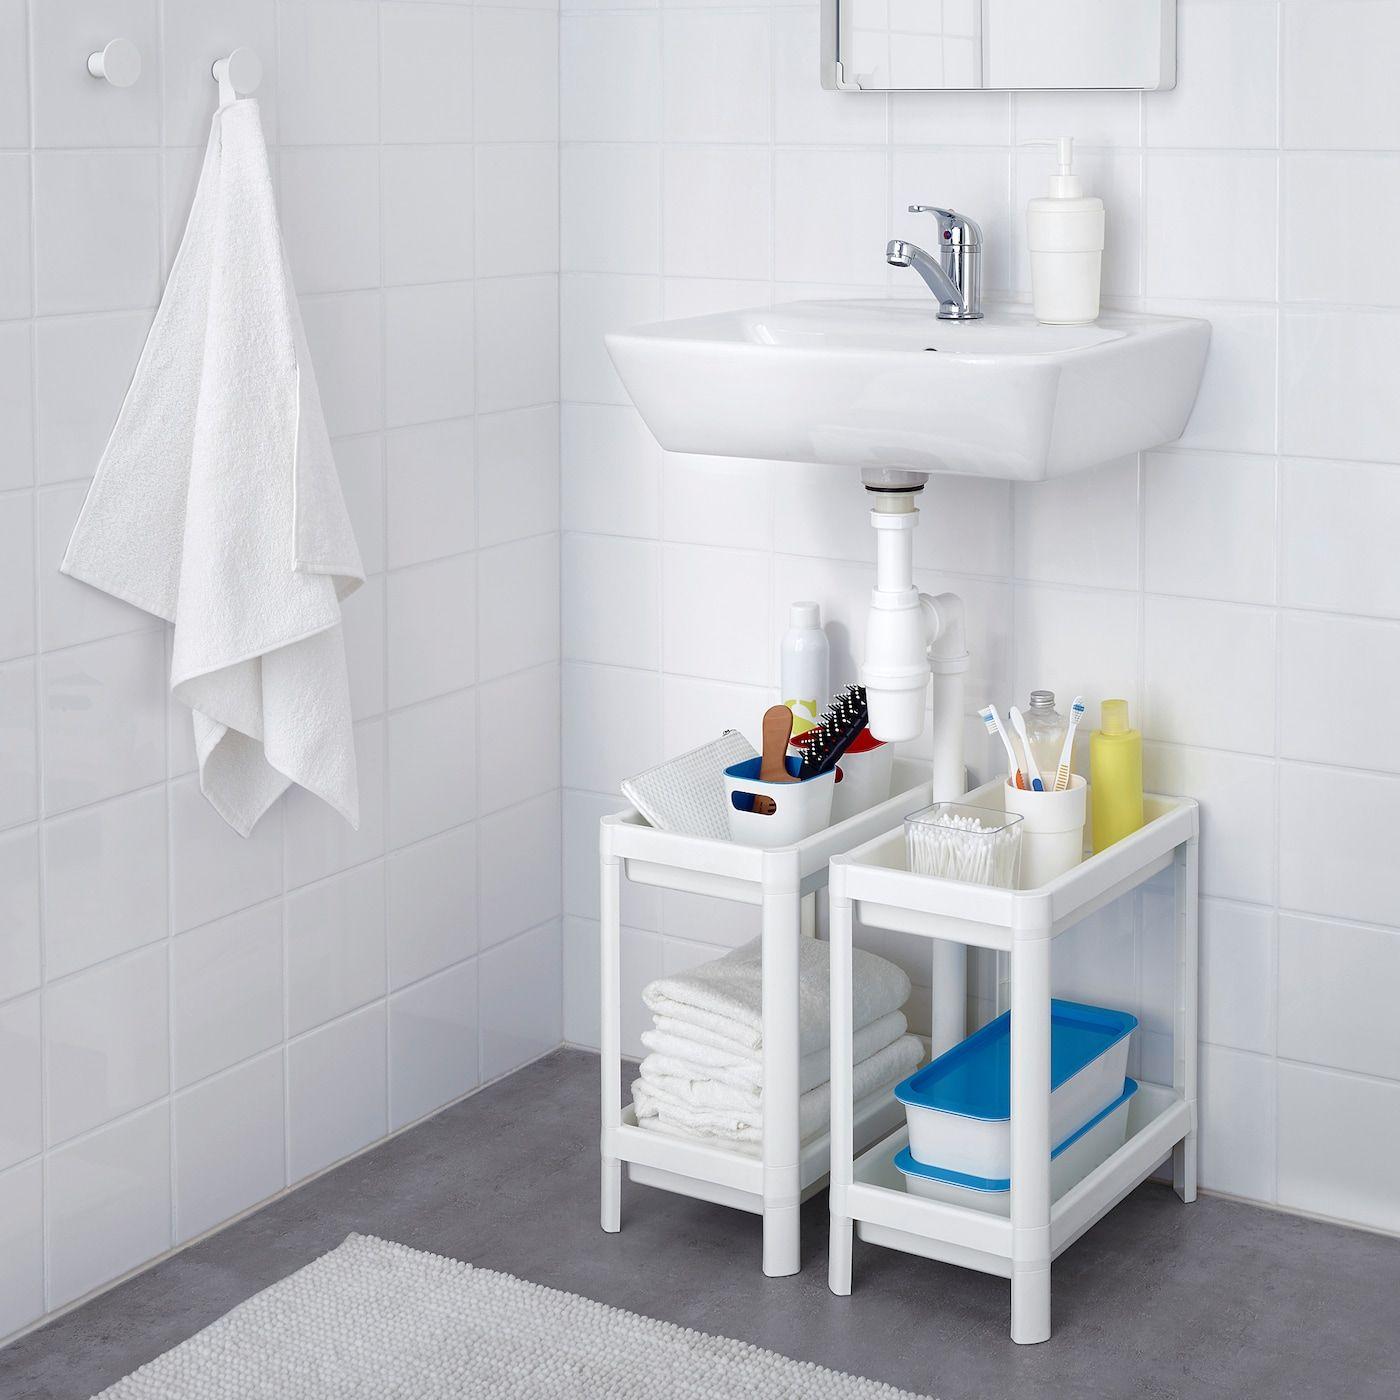 VESKEN white, Shelf unit, 36x23x40 cm IKEA in 2020